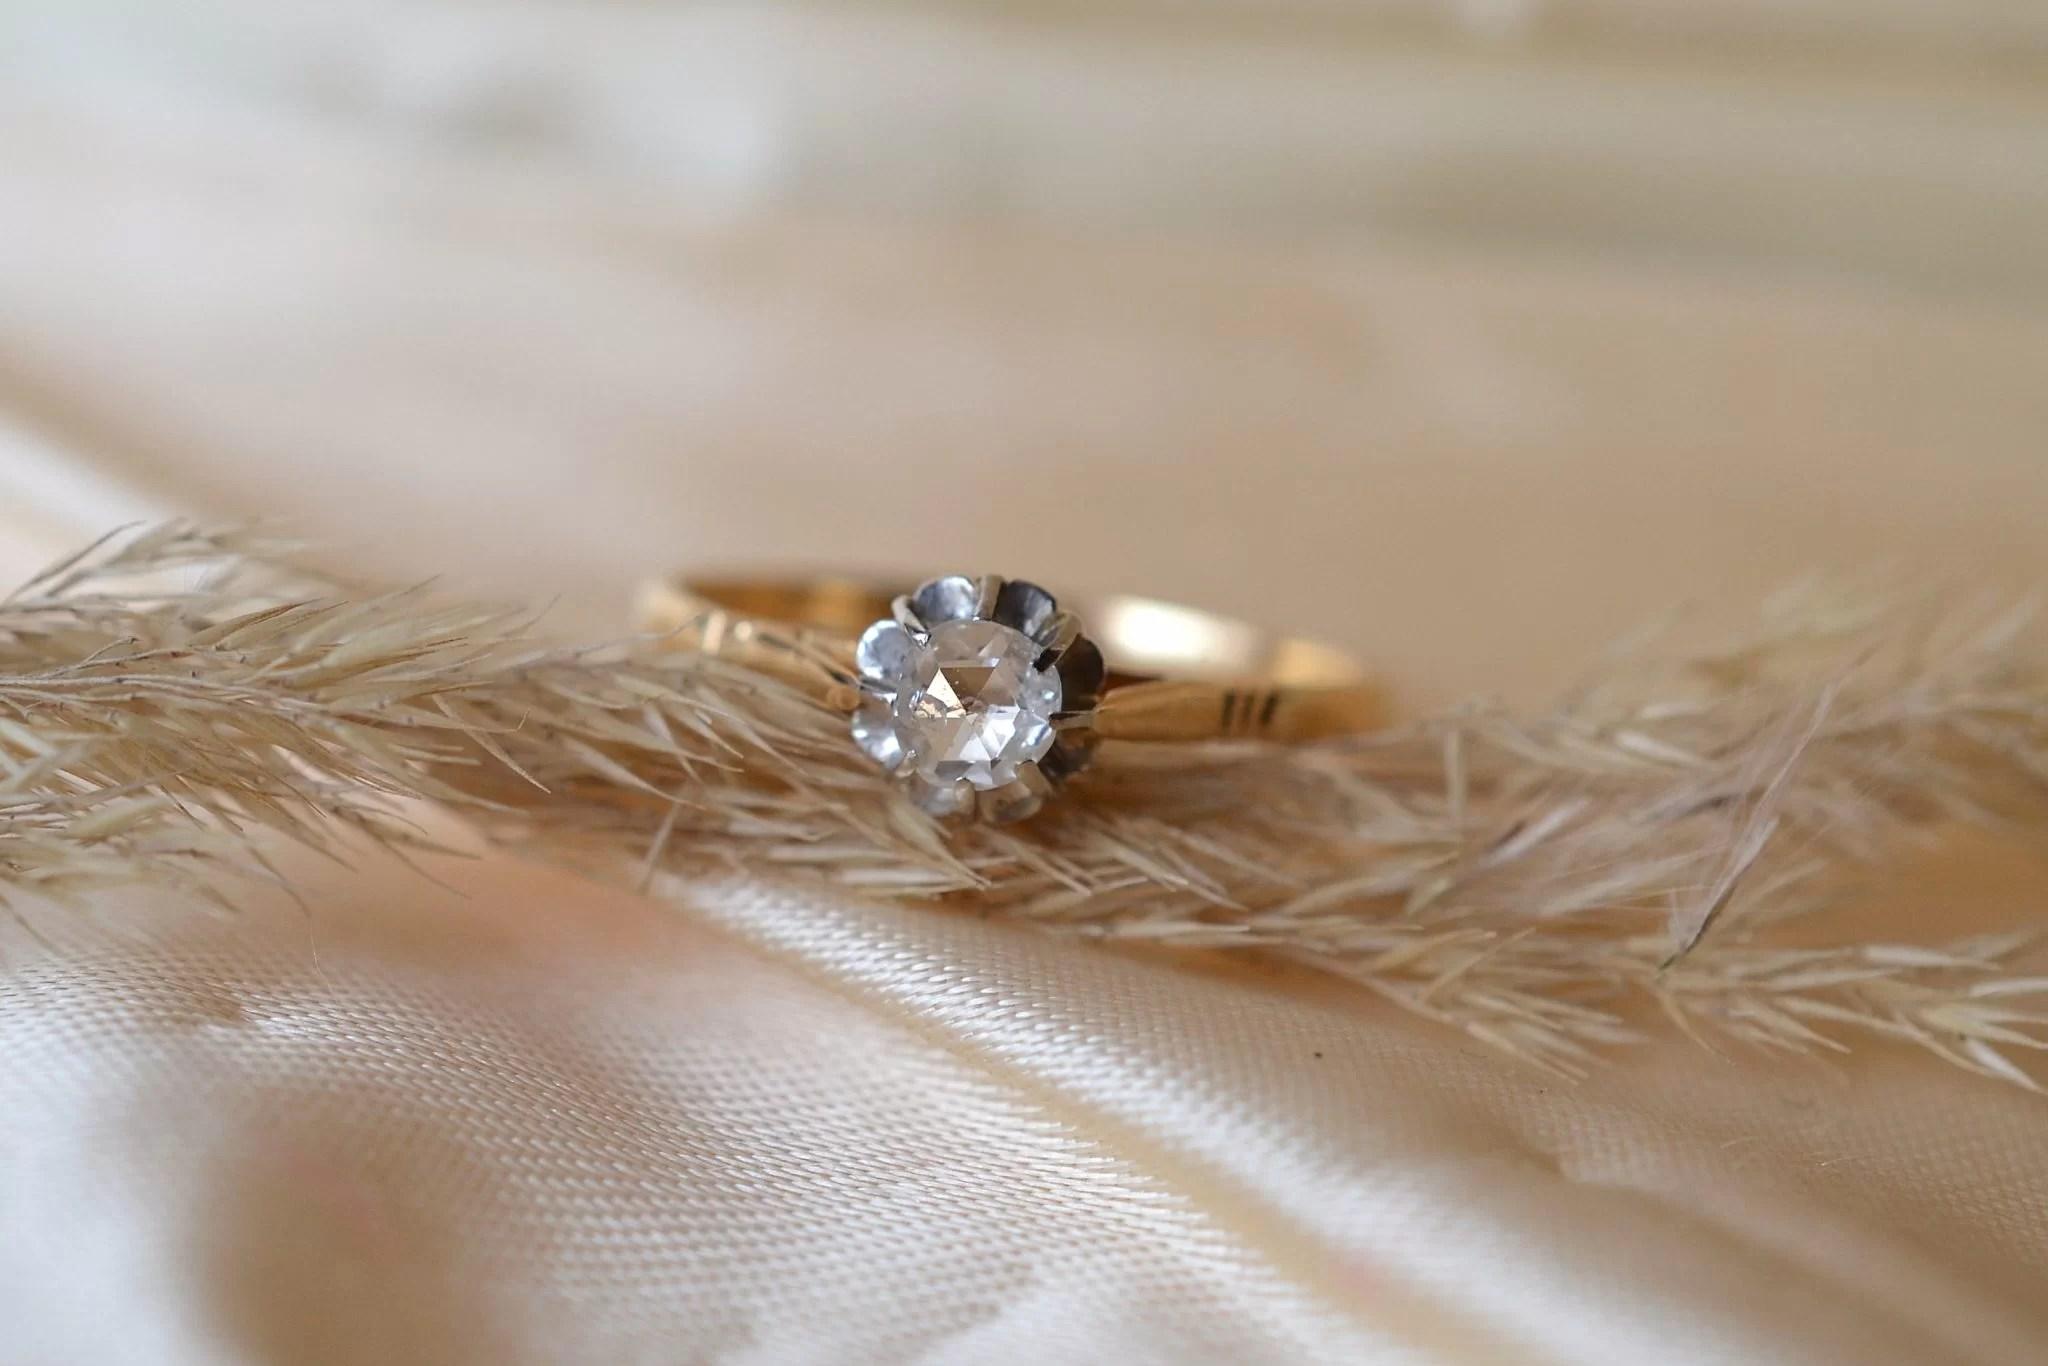 Bague Solitaire En Or Jaune Et Or Blanc Sertie D_un Diamant - Bague Éthique